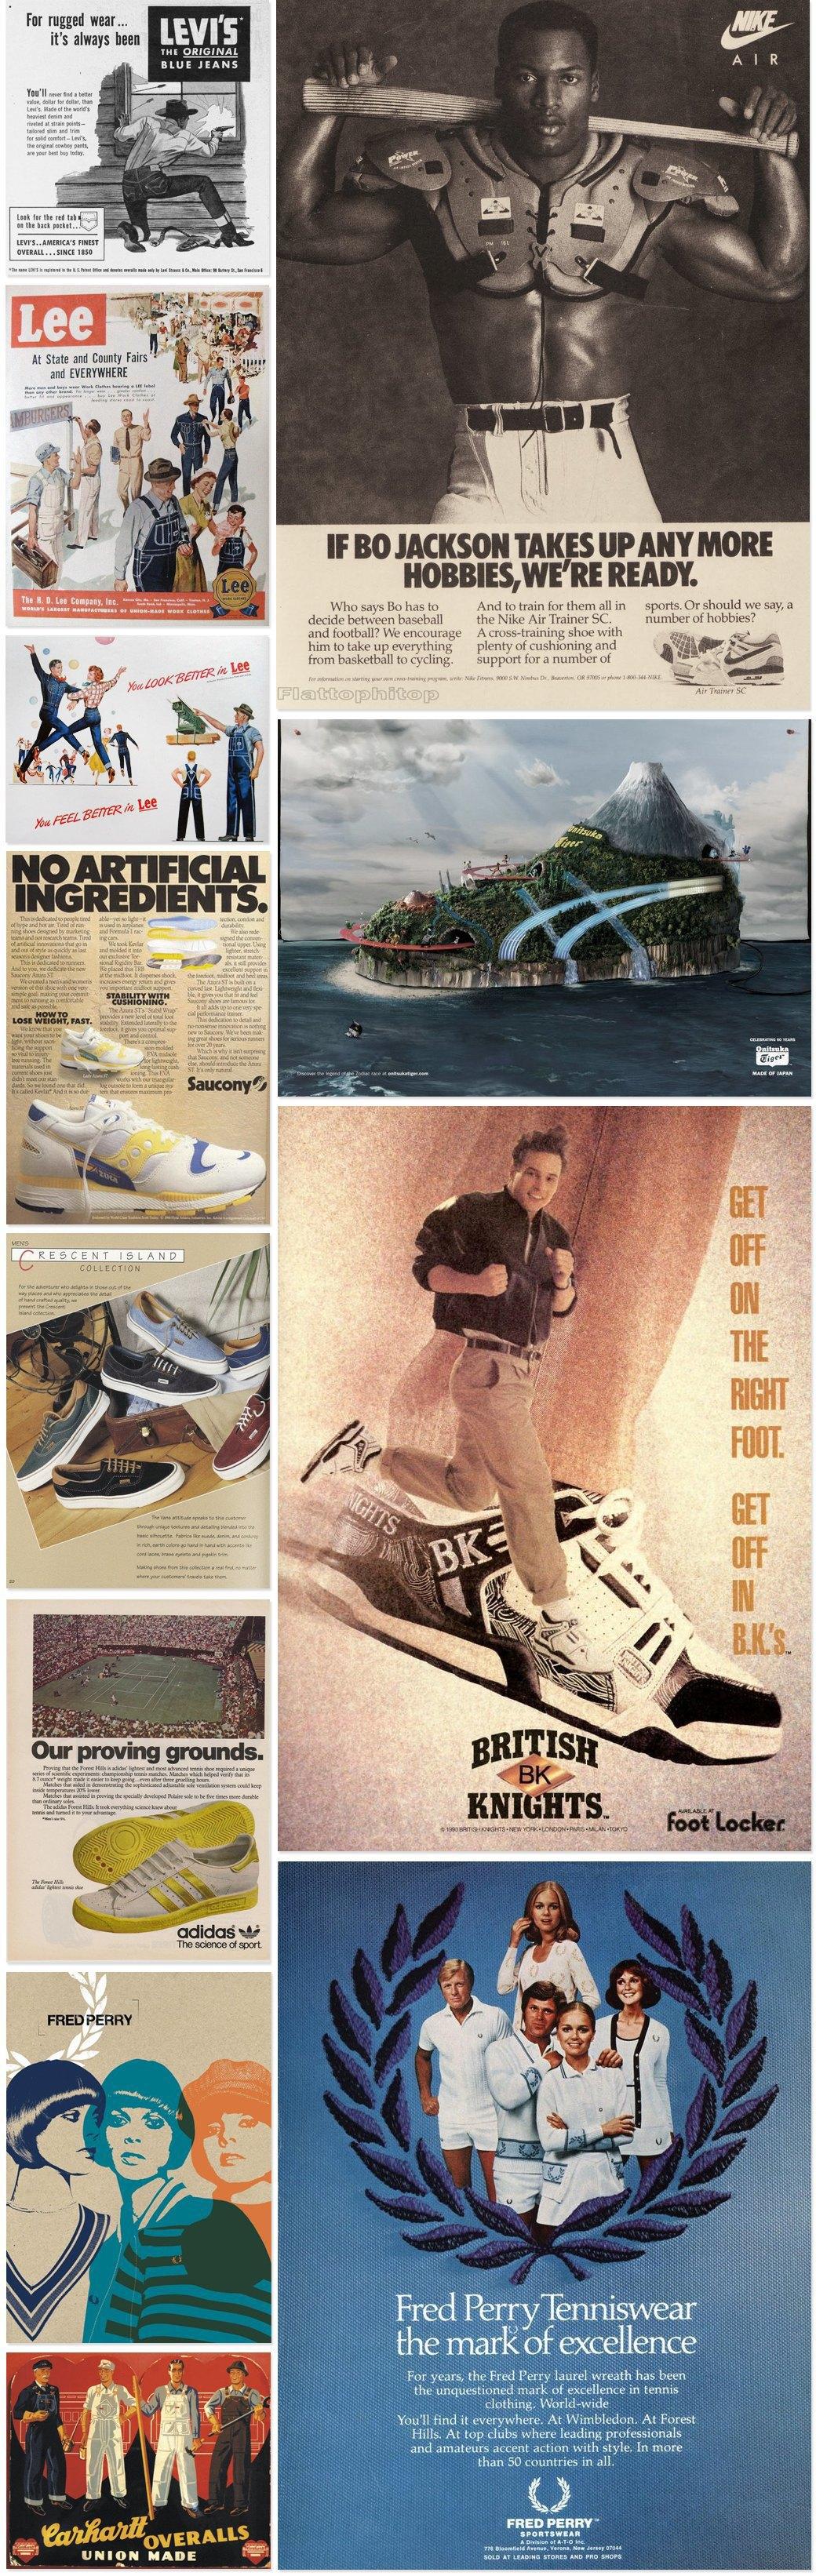 Назад в будущее: Винтажные рекламные плакаты современных марок одежды. Изображение № 2.